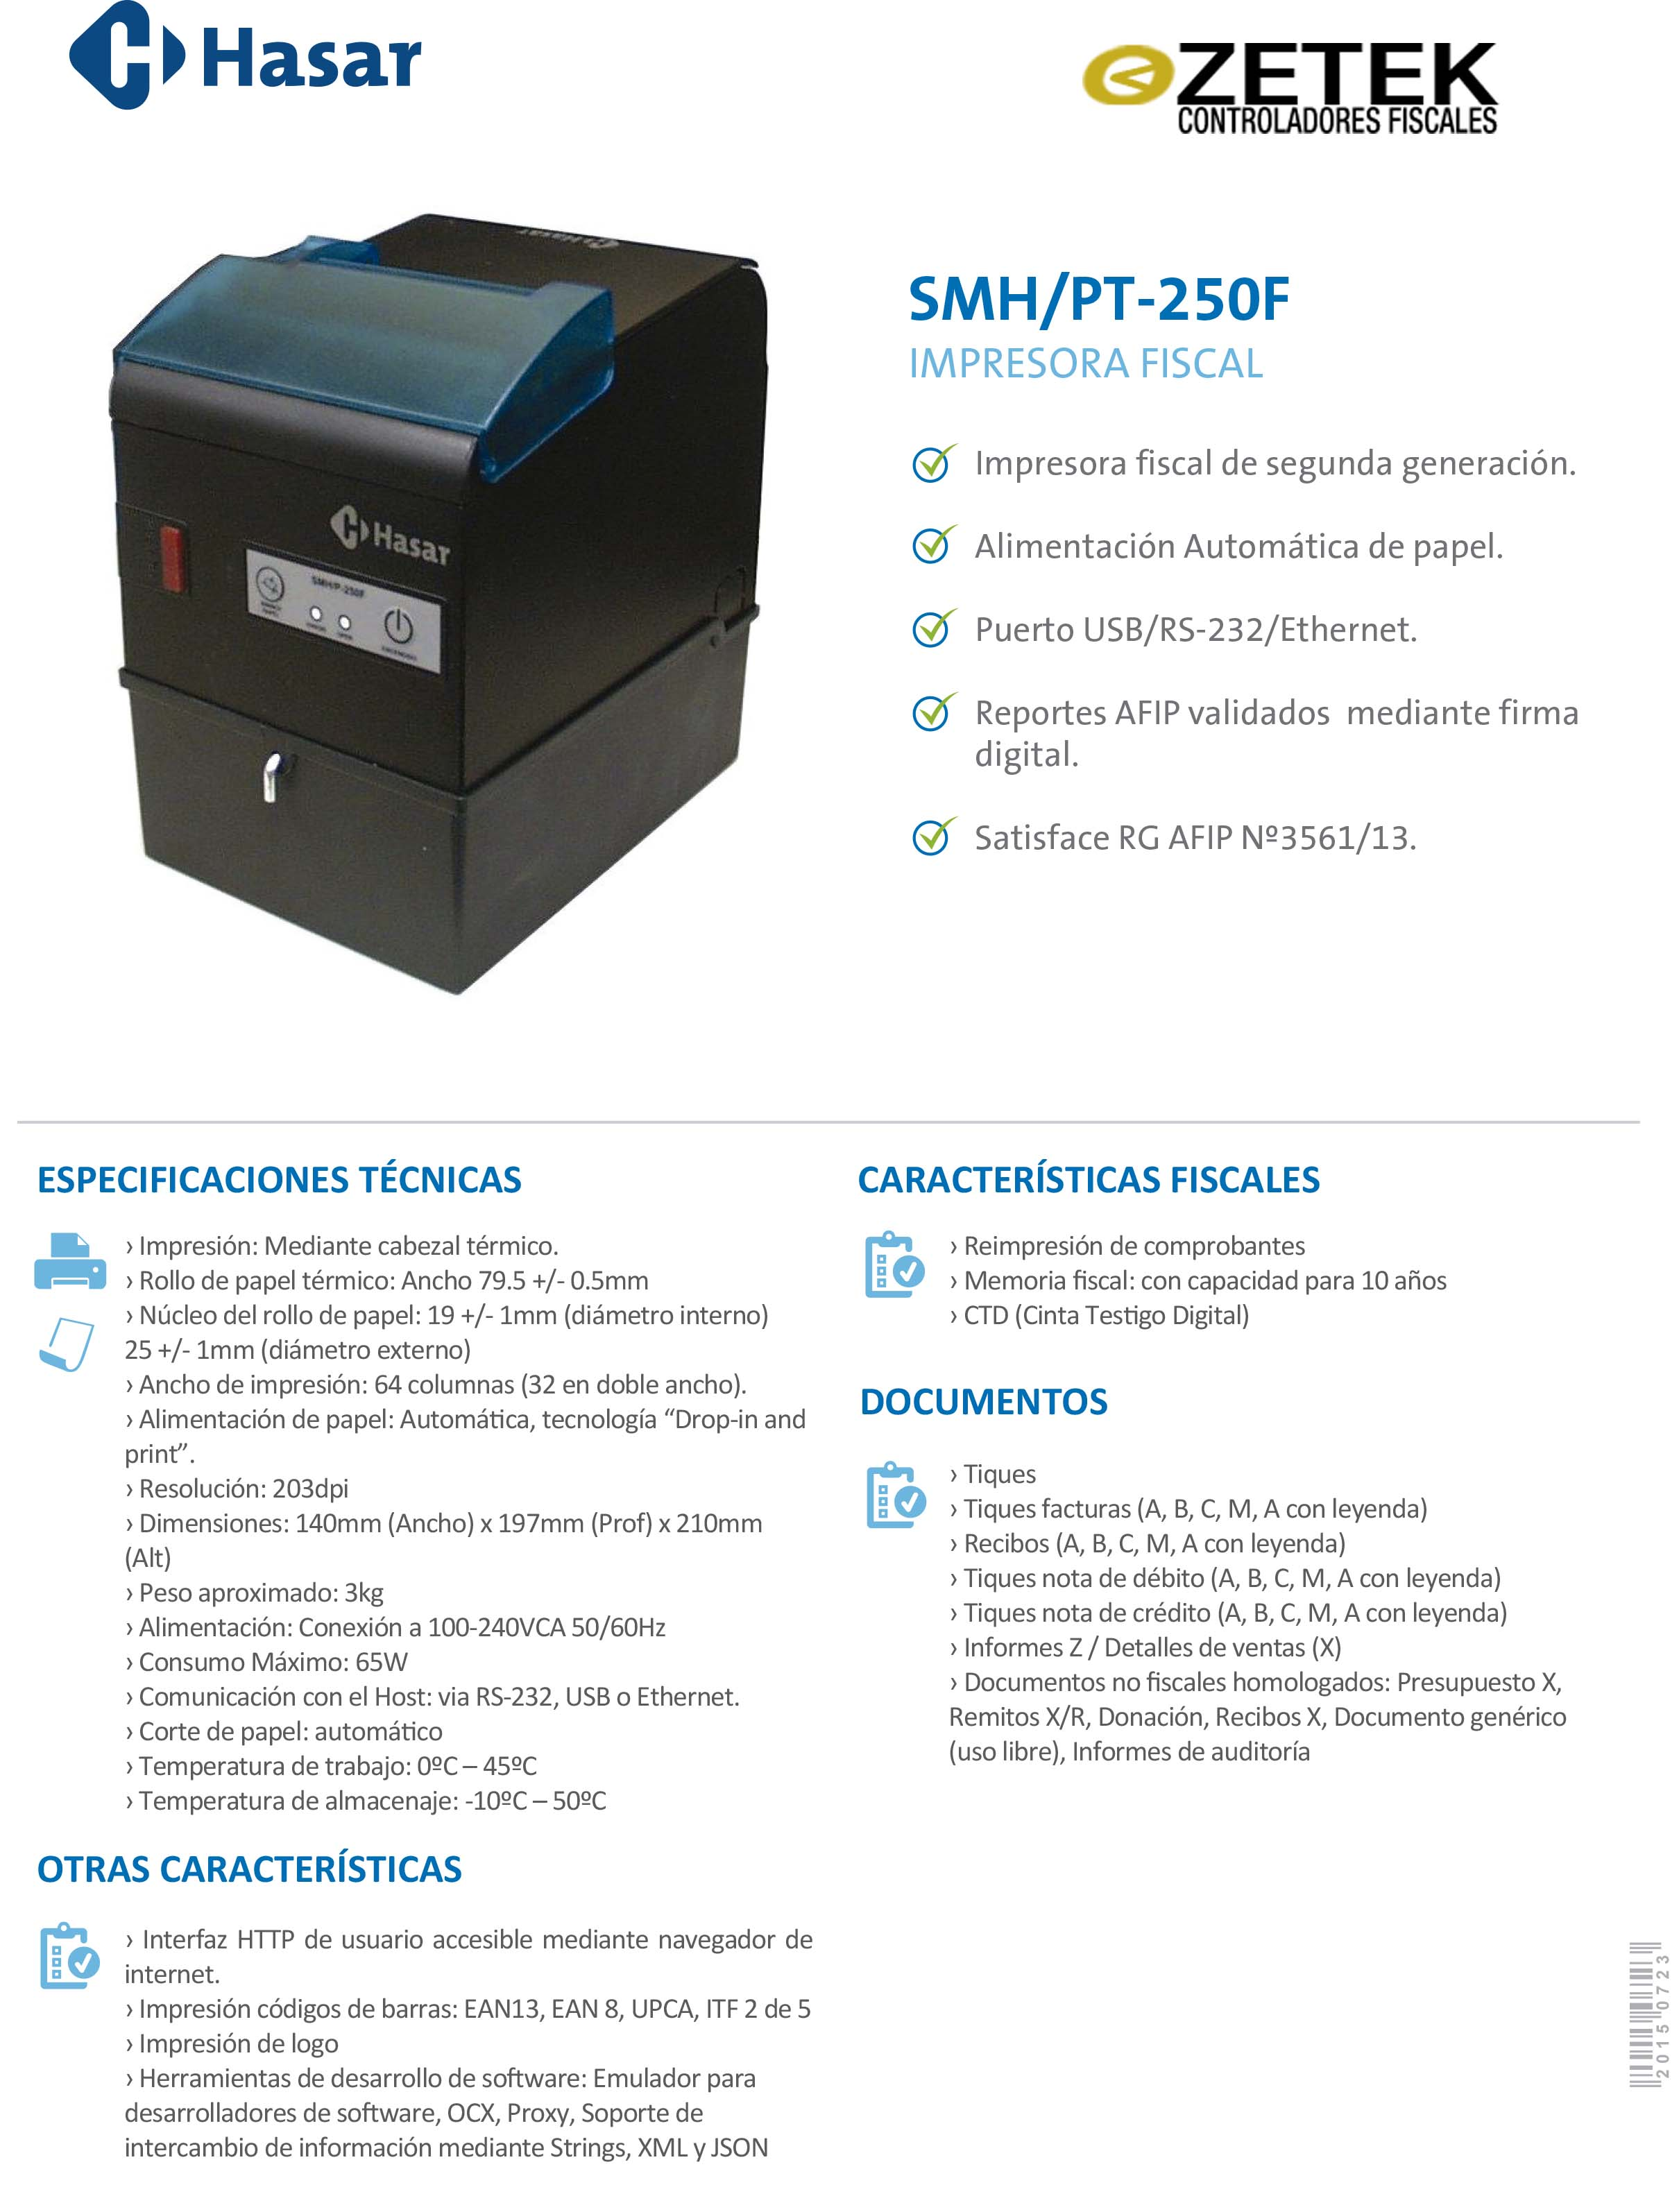 Hasar SMPT250F Impresora Fiscal Nueva Generación